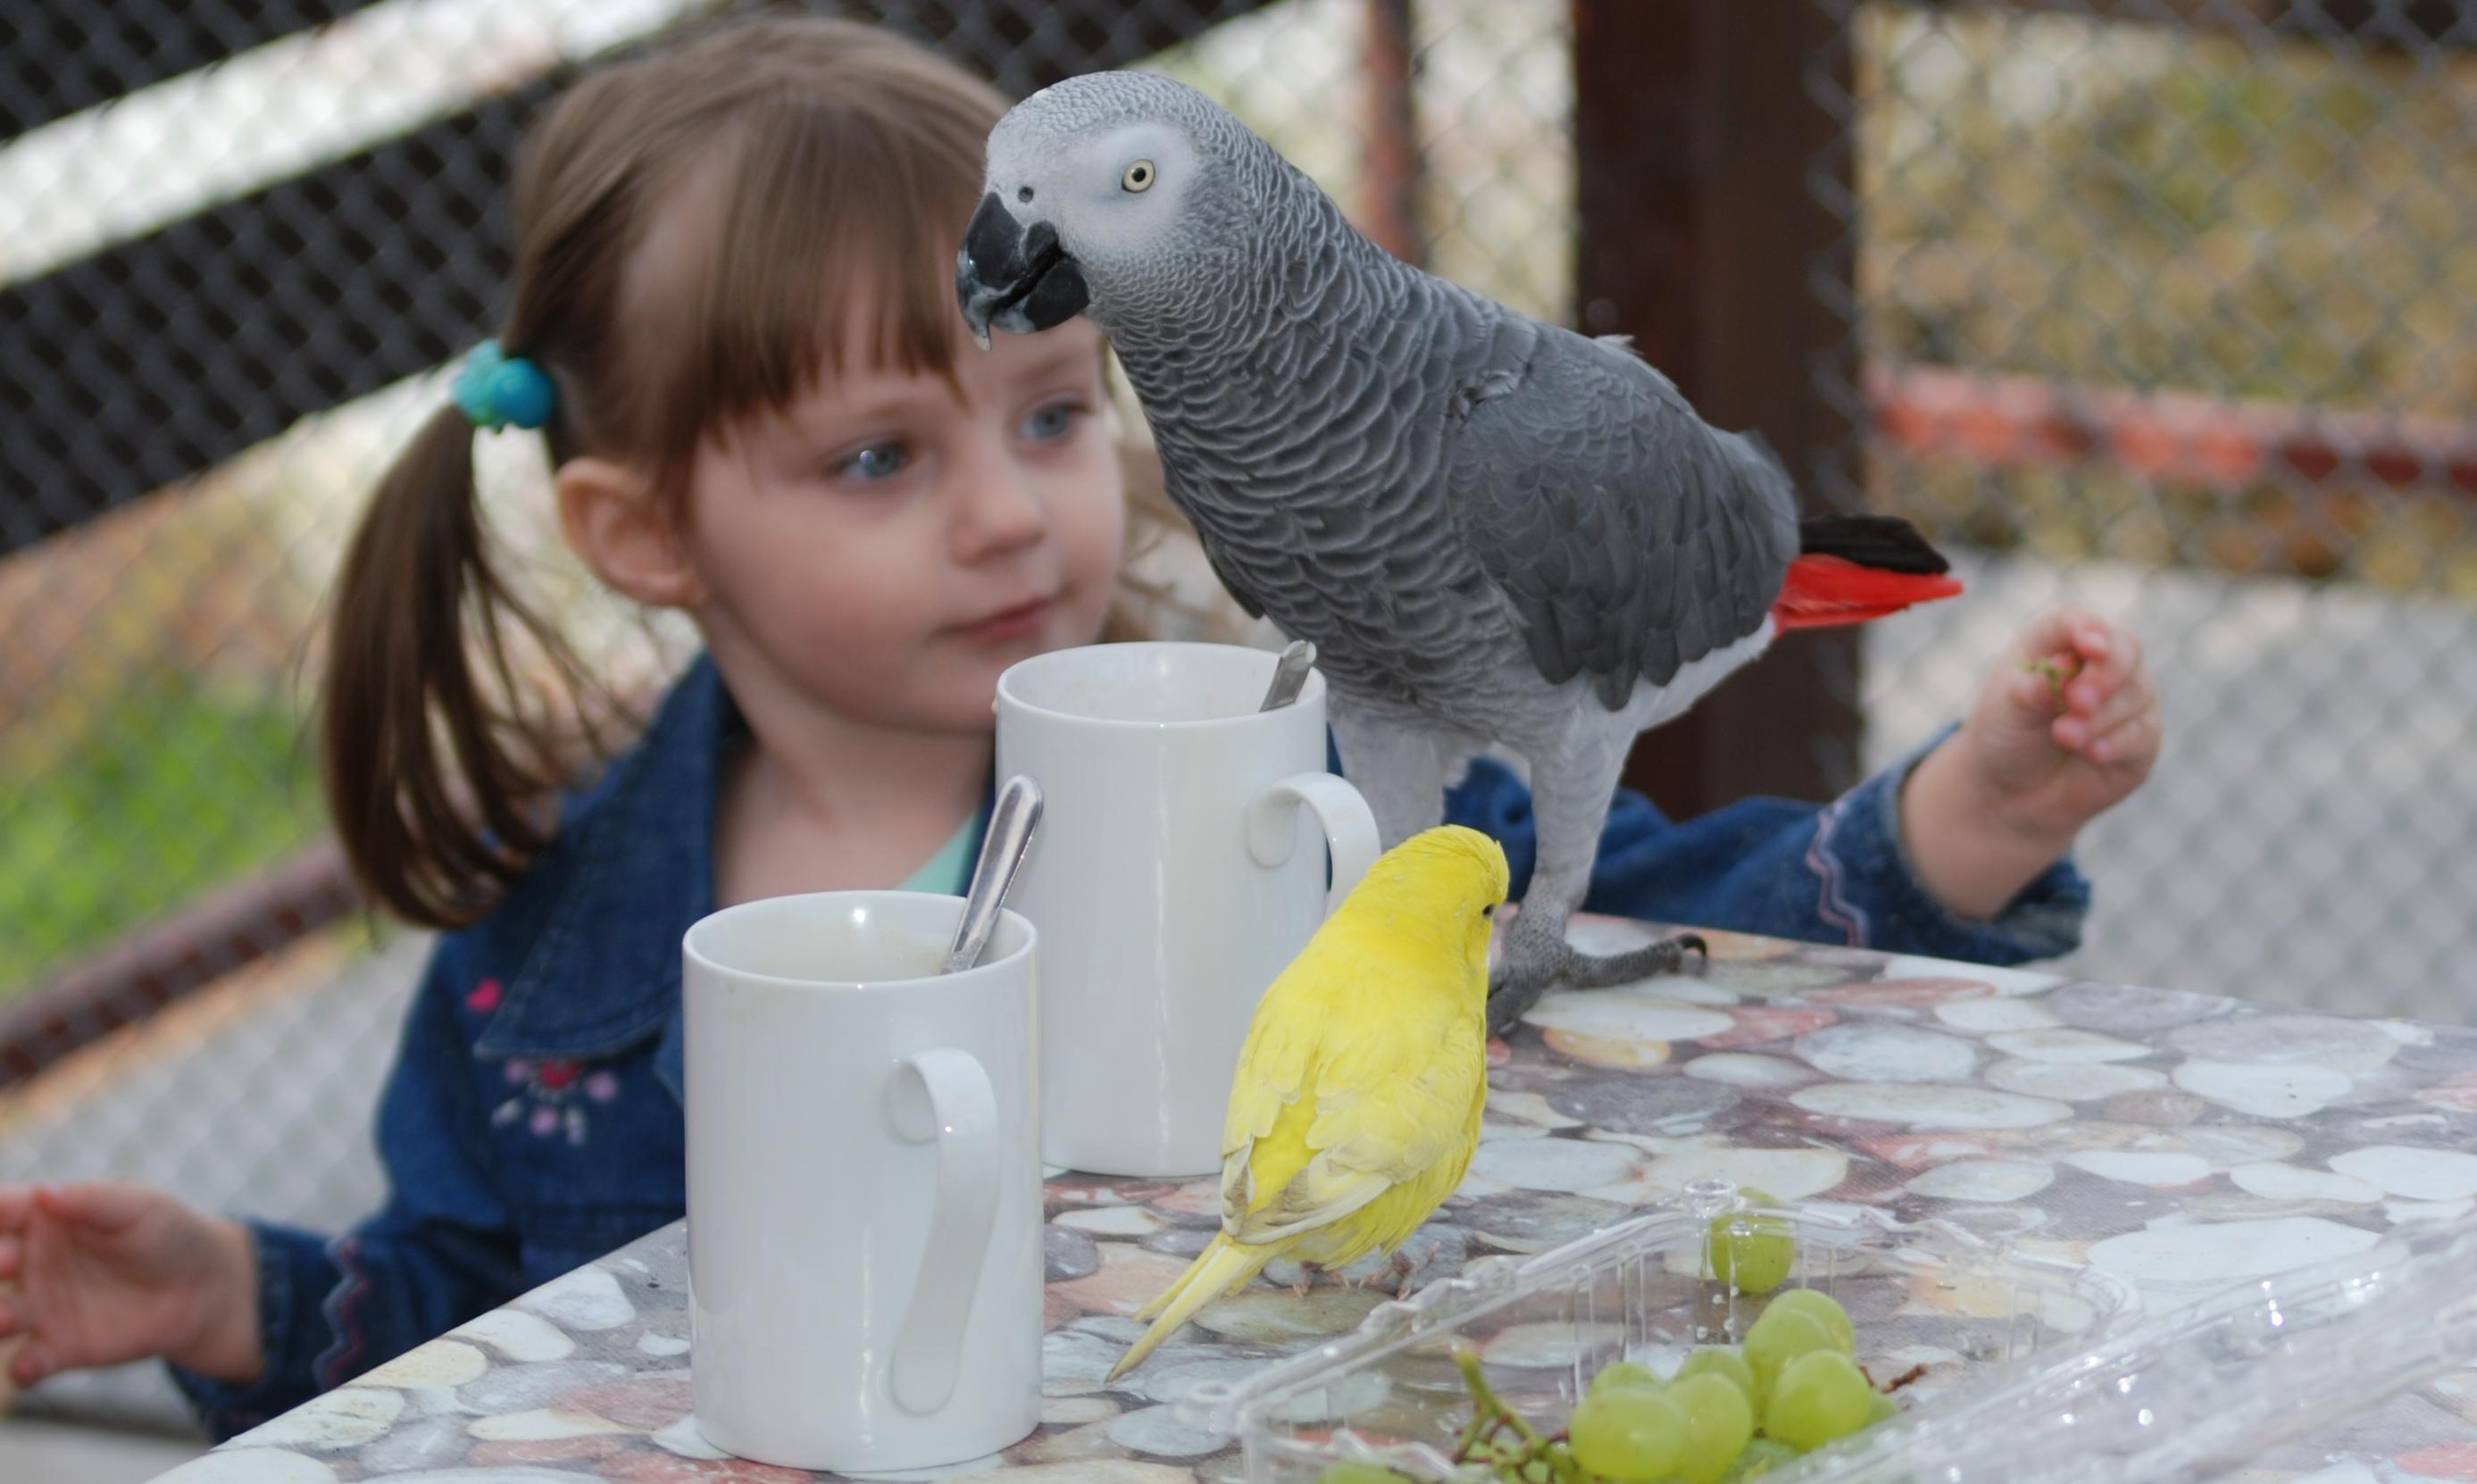 Papoušek šedý – žako(Psittacus erithacus) patří mezi nejoblíbenějšípapoušky. Netuším proč. (Kredit:: autor článku)